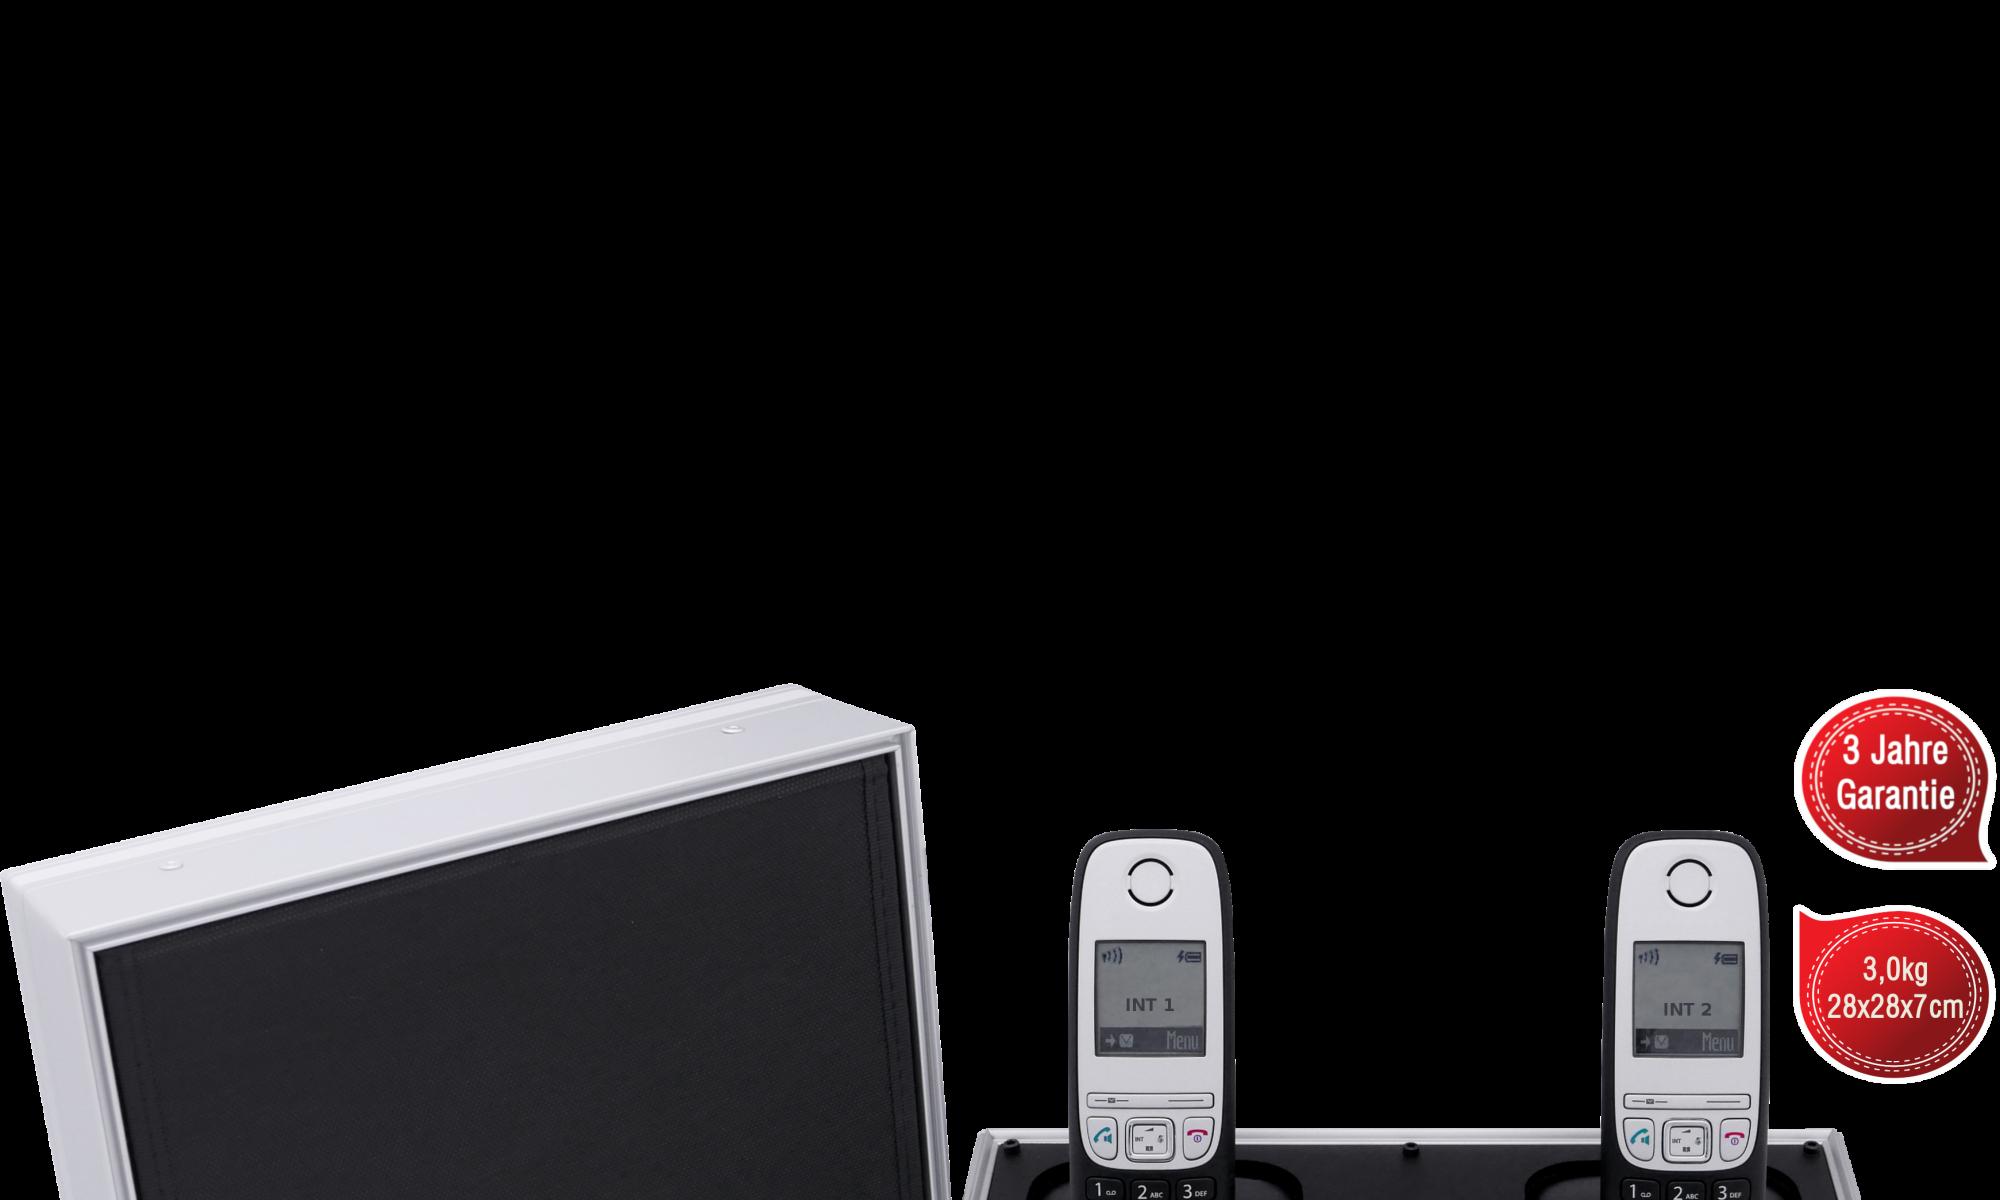 Telefonkoffer von Tk-trainer made in Germany